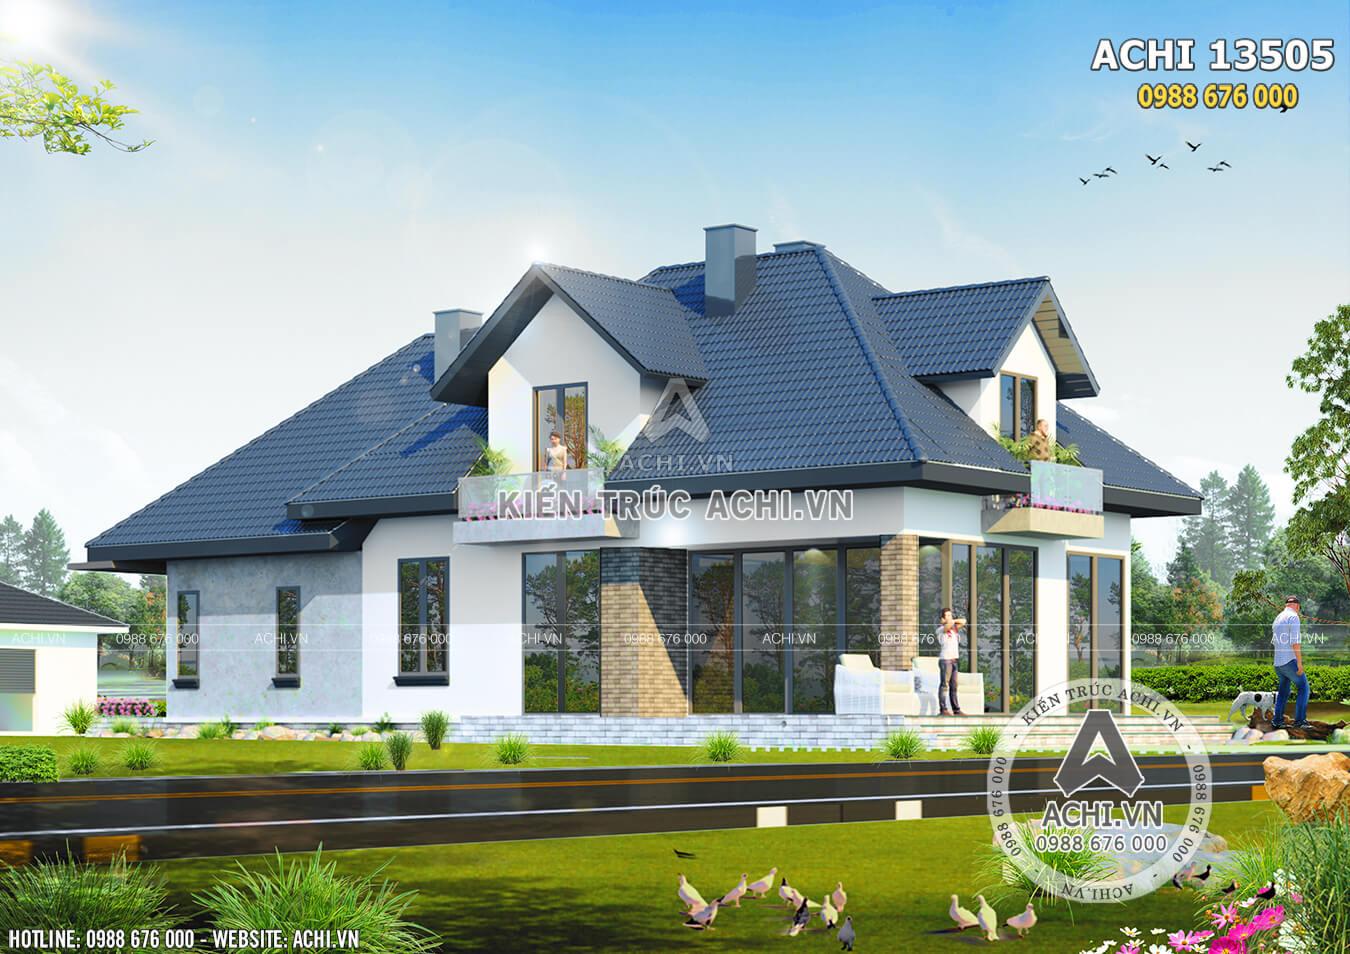 Mẫu nhà mái thái có gác lừng 1,5 tầng đẹp tại Lạng Sơn - ACHI 13505